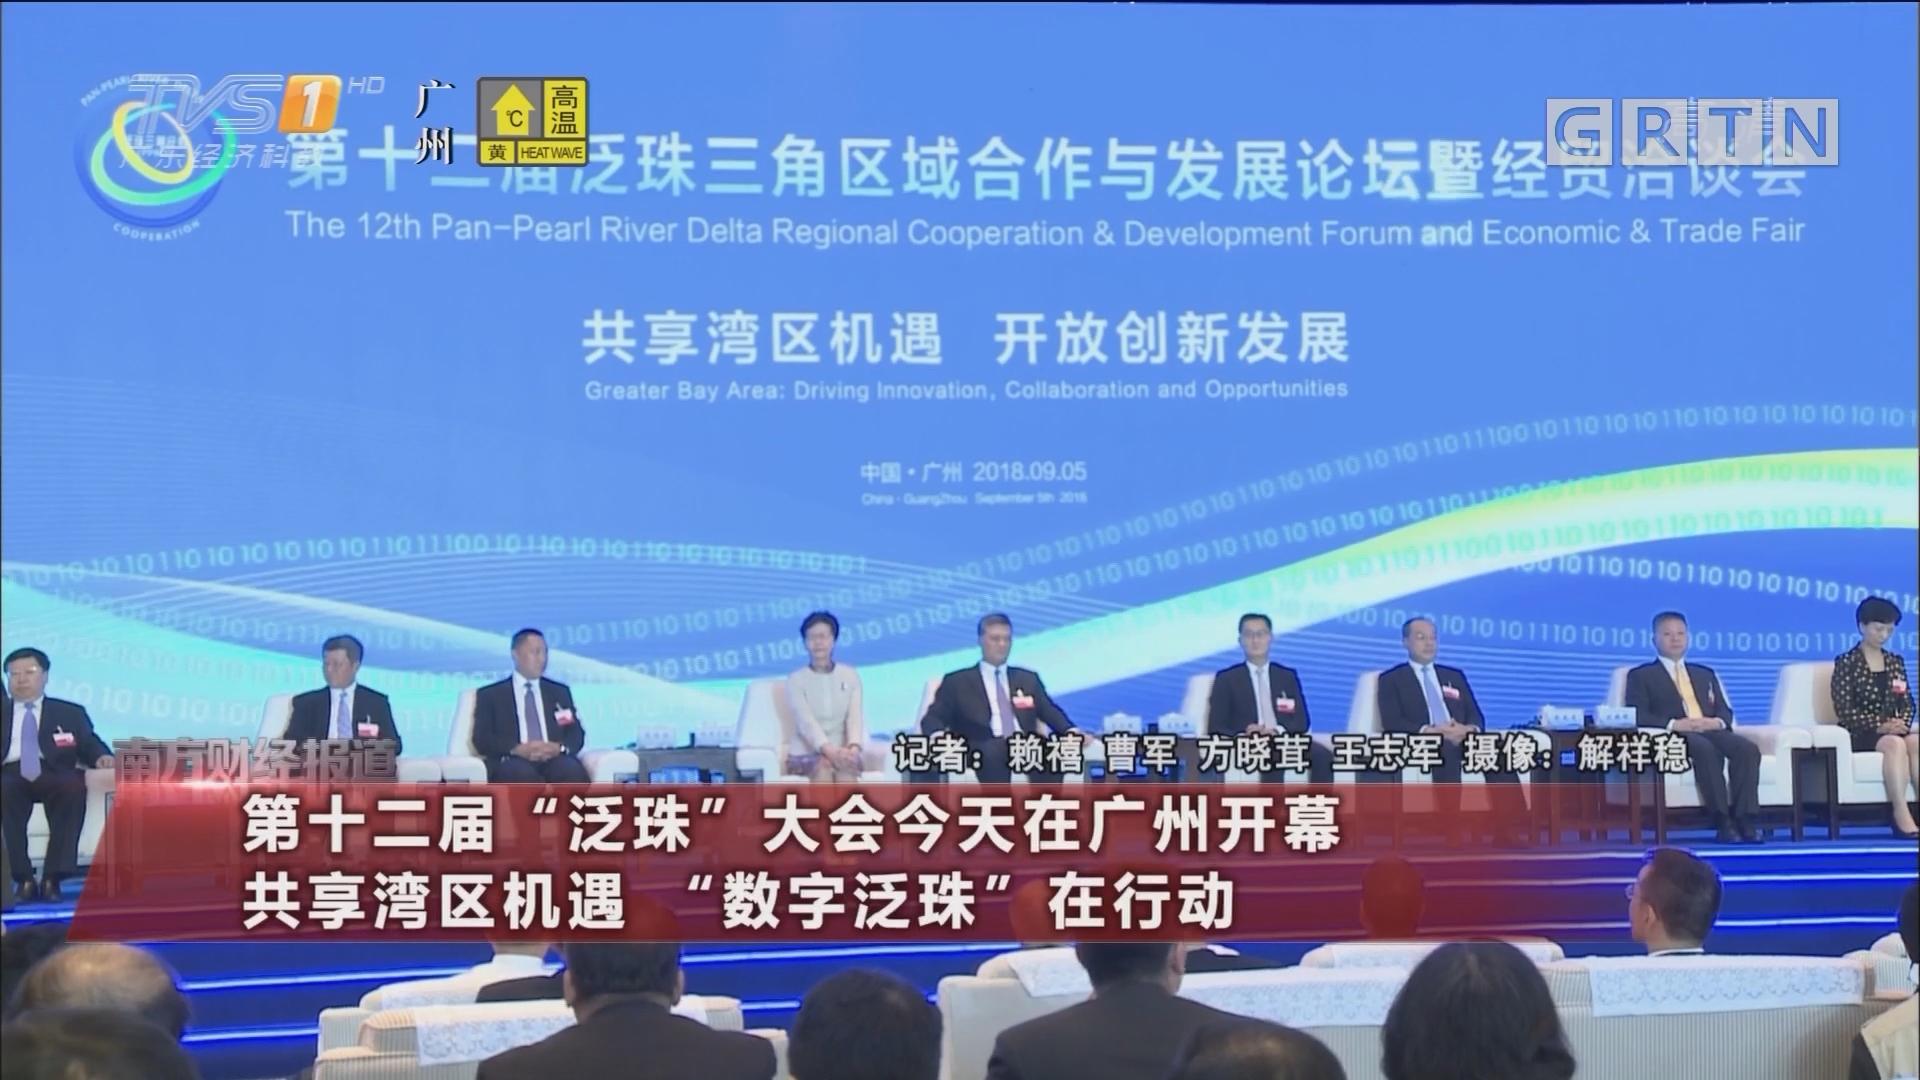 """第十二届""""泛珠""""大会今天在广州开幕 共享湾区机遇 """"数字泛珠""""在行动"""